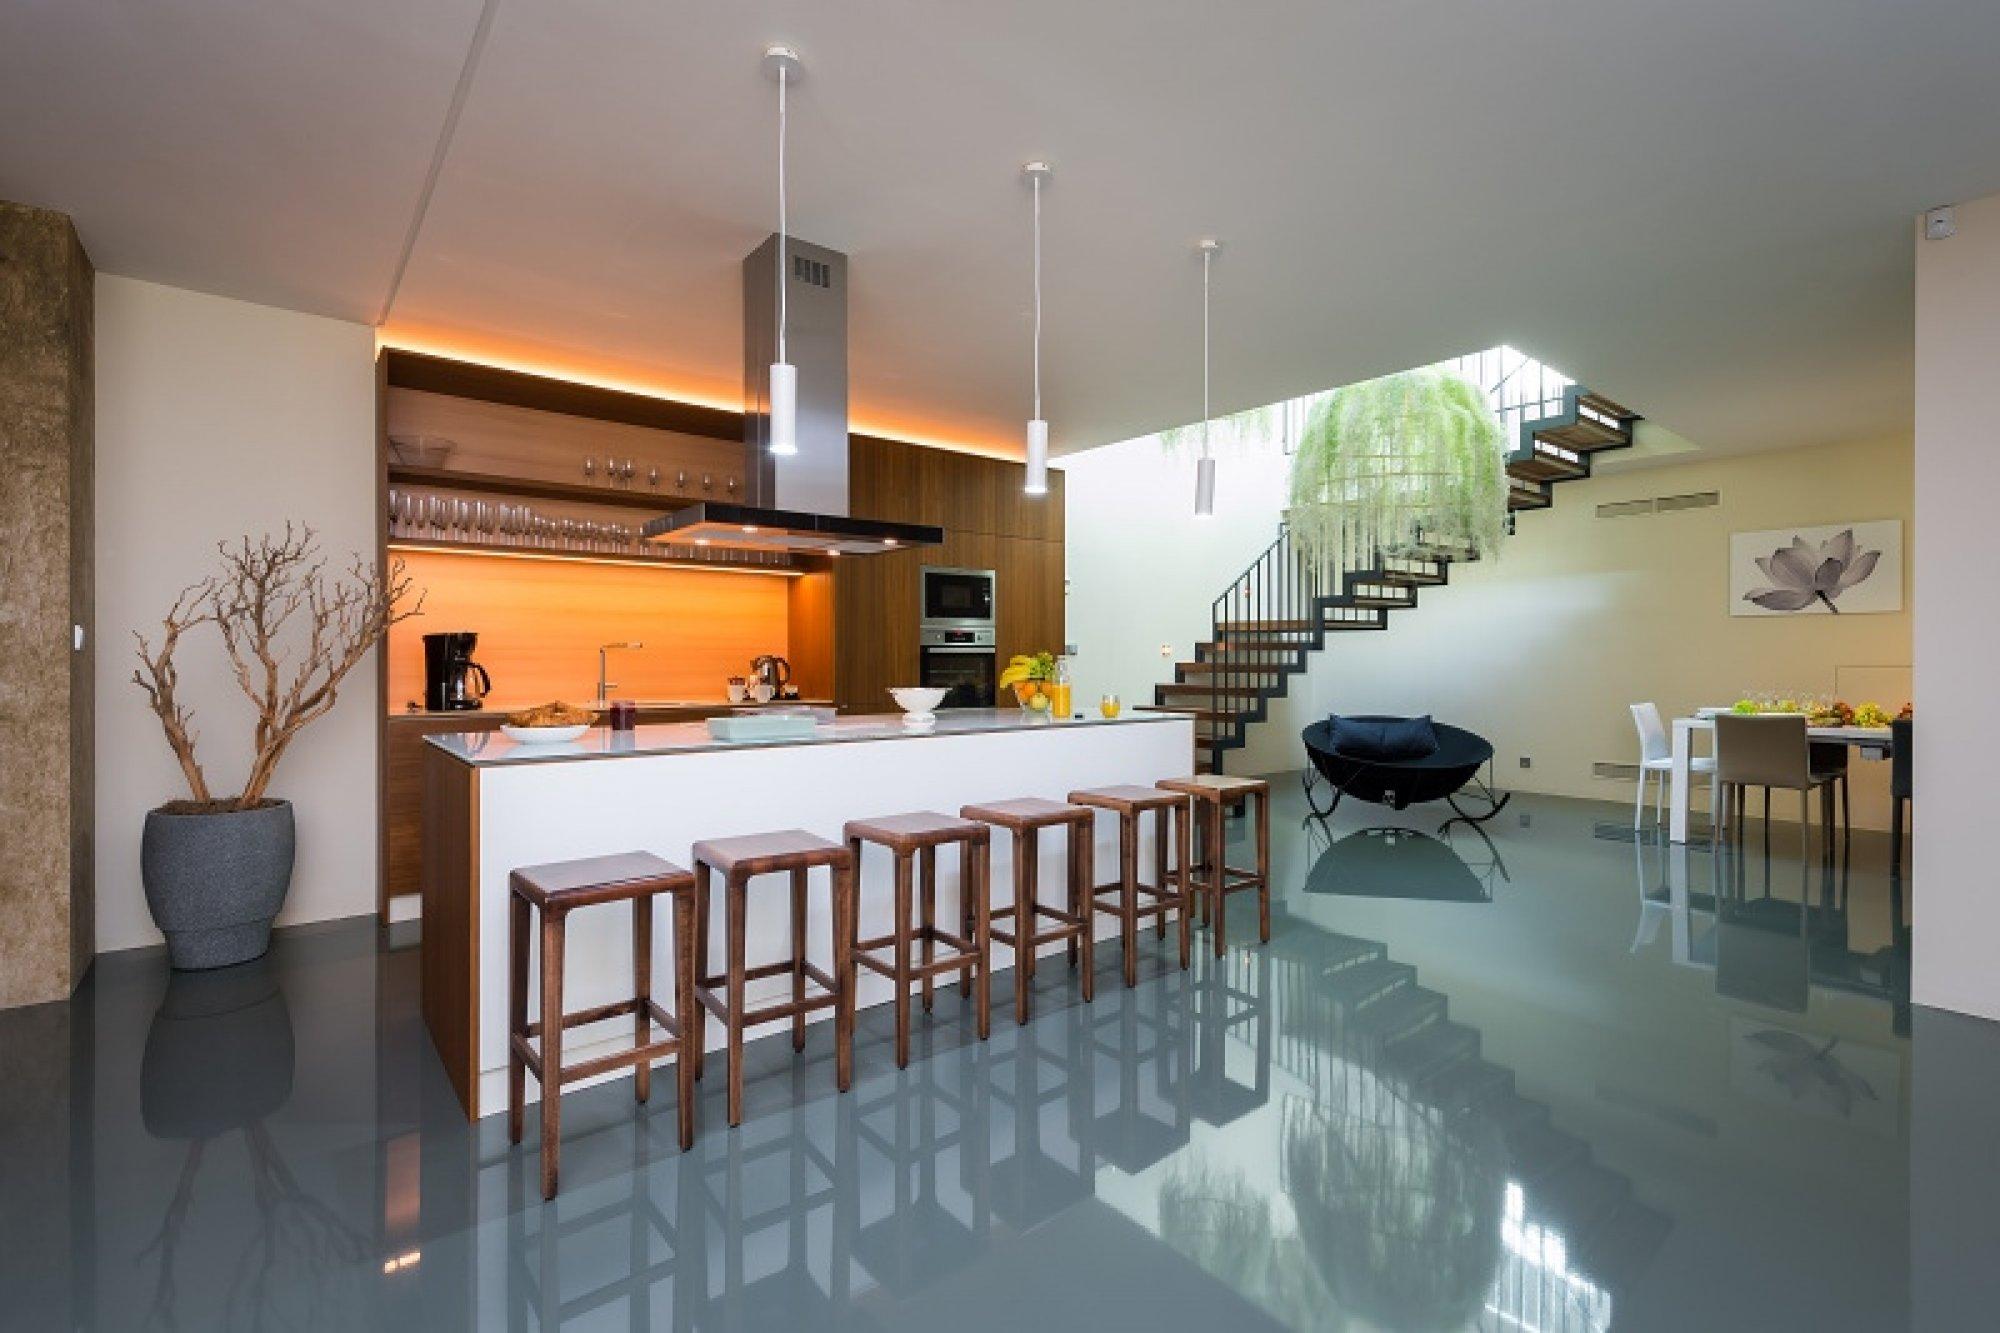 Půdní byt 5+kk, plocha 165 m², ulice Jindřišská, Praha 1 - Nové Město | 2